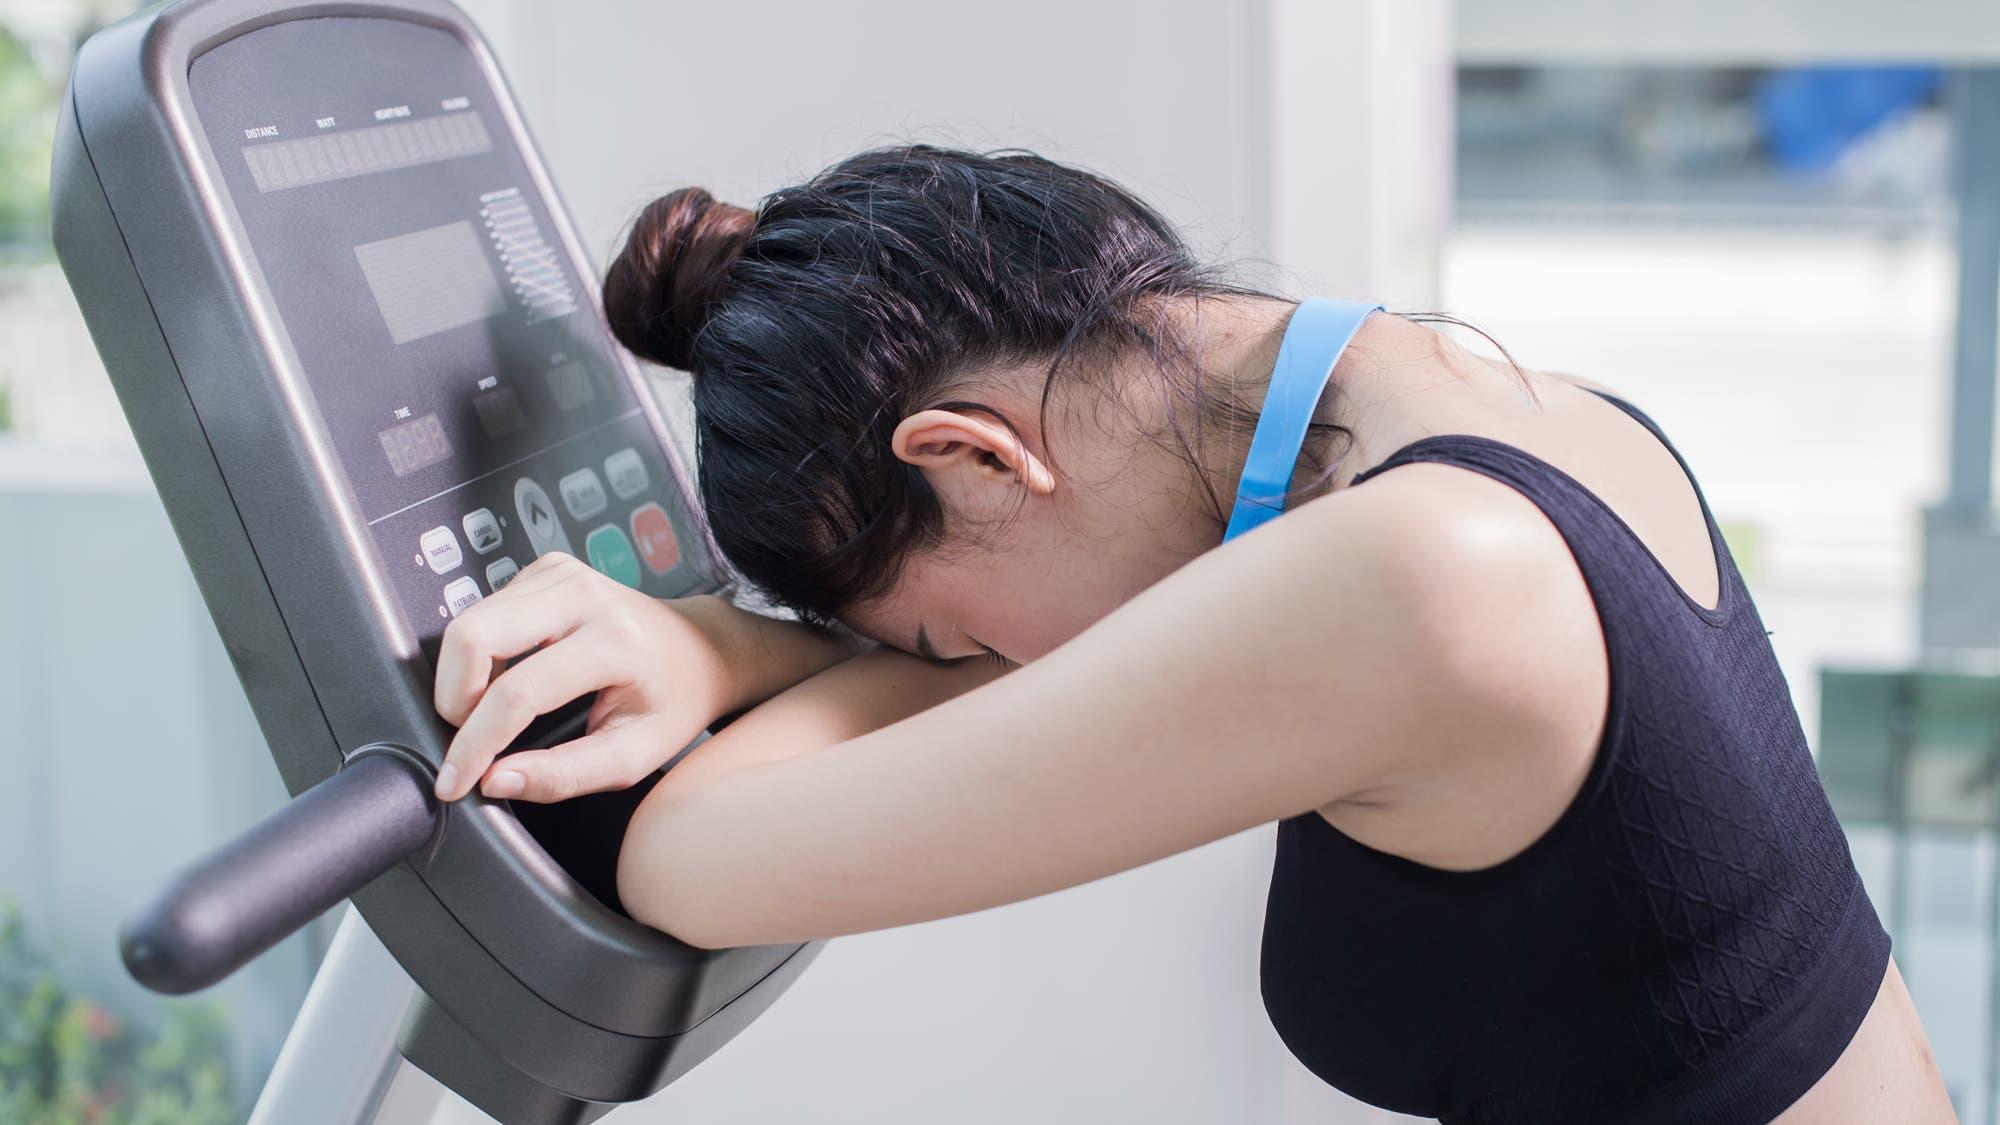 60e809f8263f Alérgicos al gym: 5 alternativas para hacer ejercicio - LA NACION